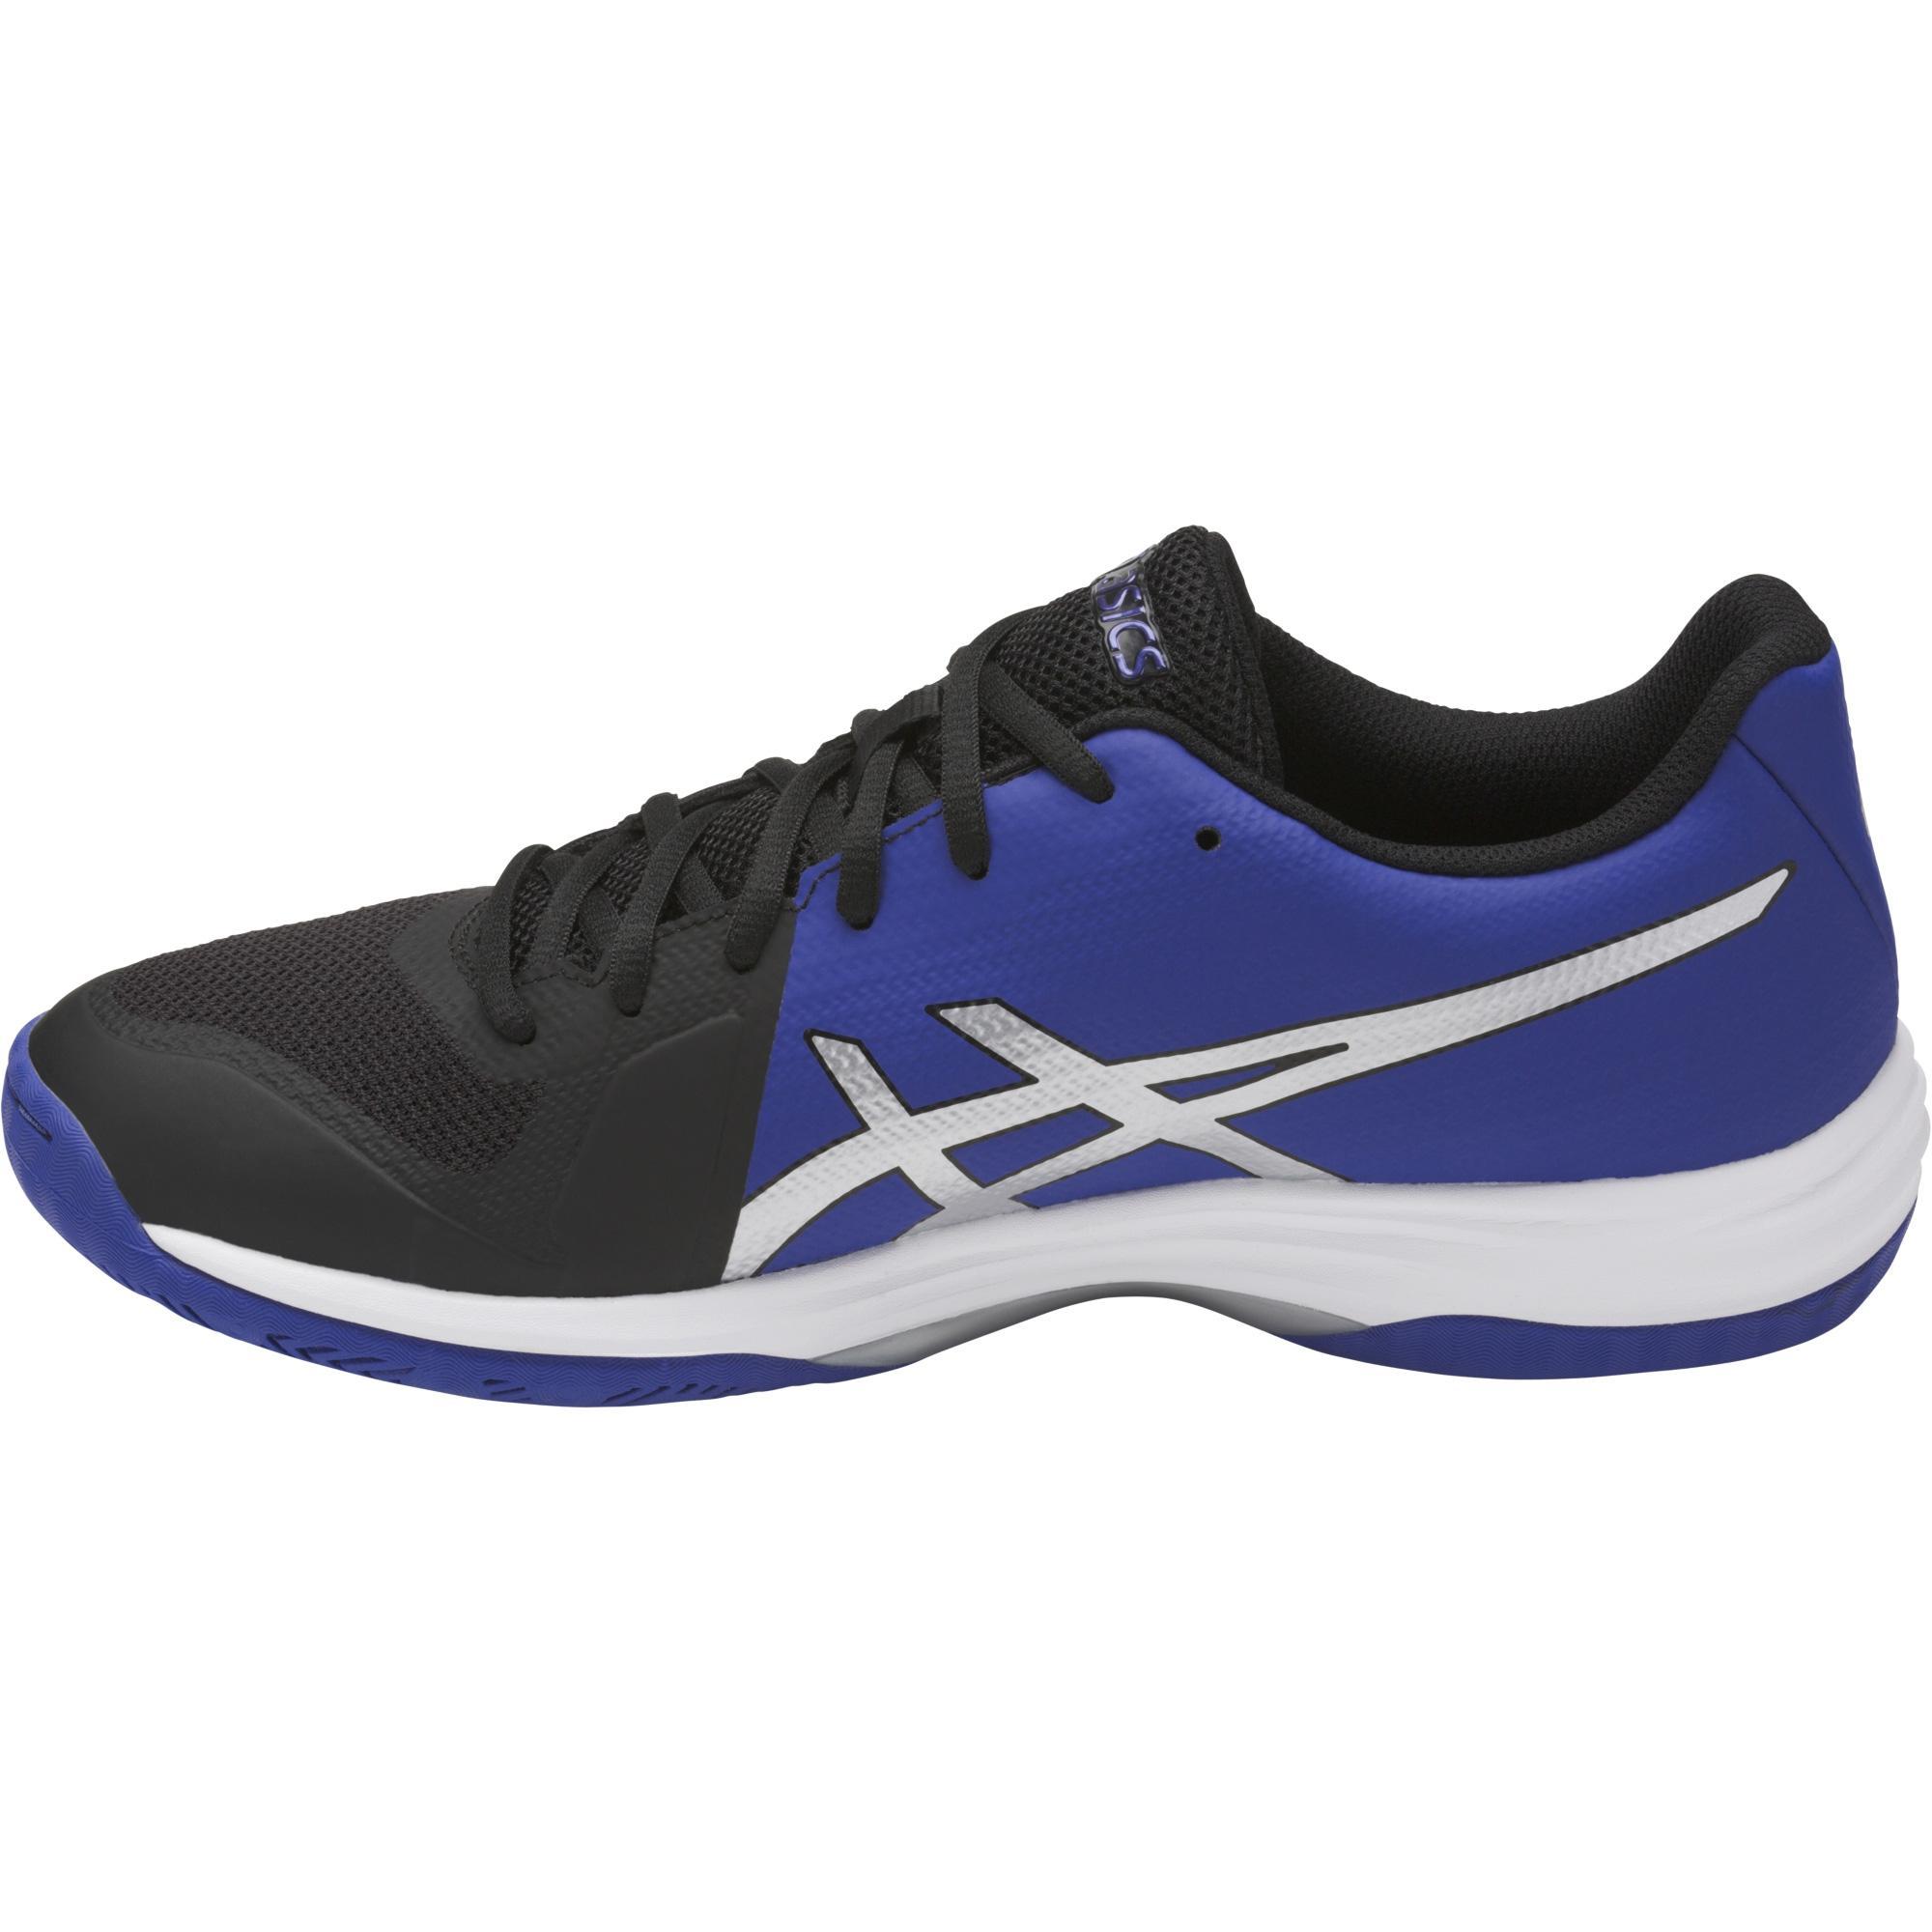 asics mens gel tactic 2 indoor shoes black blue. Black Bedroom Furniture Sets. Home Design Ideas